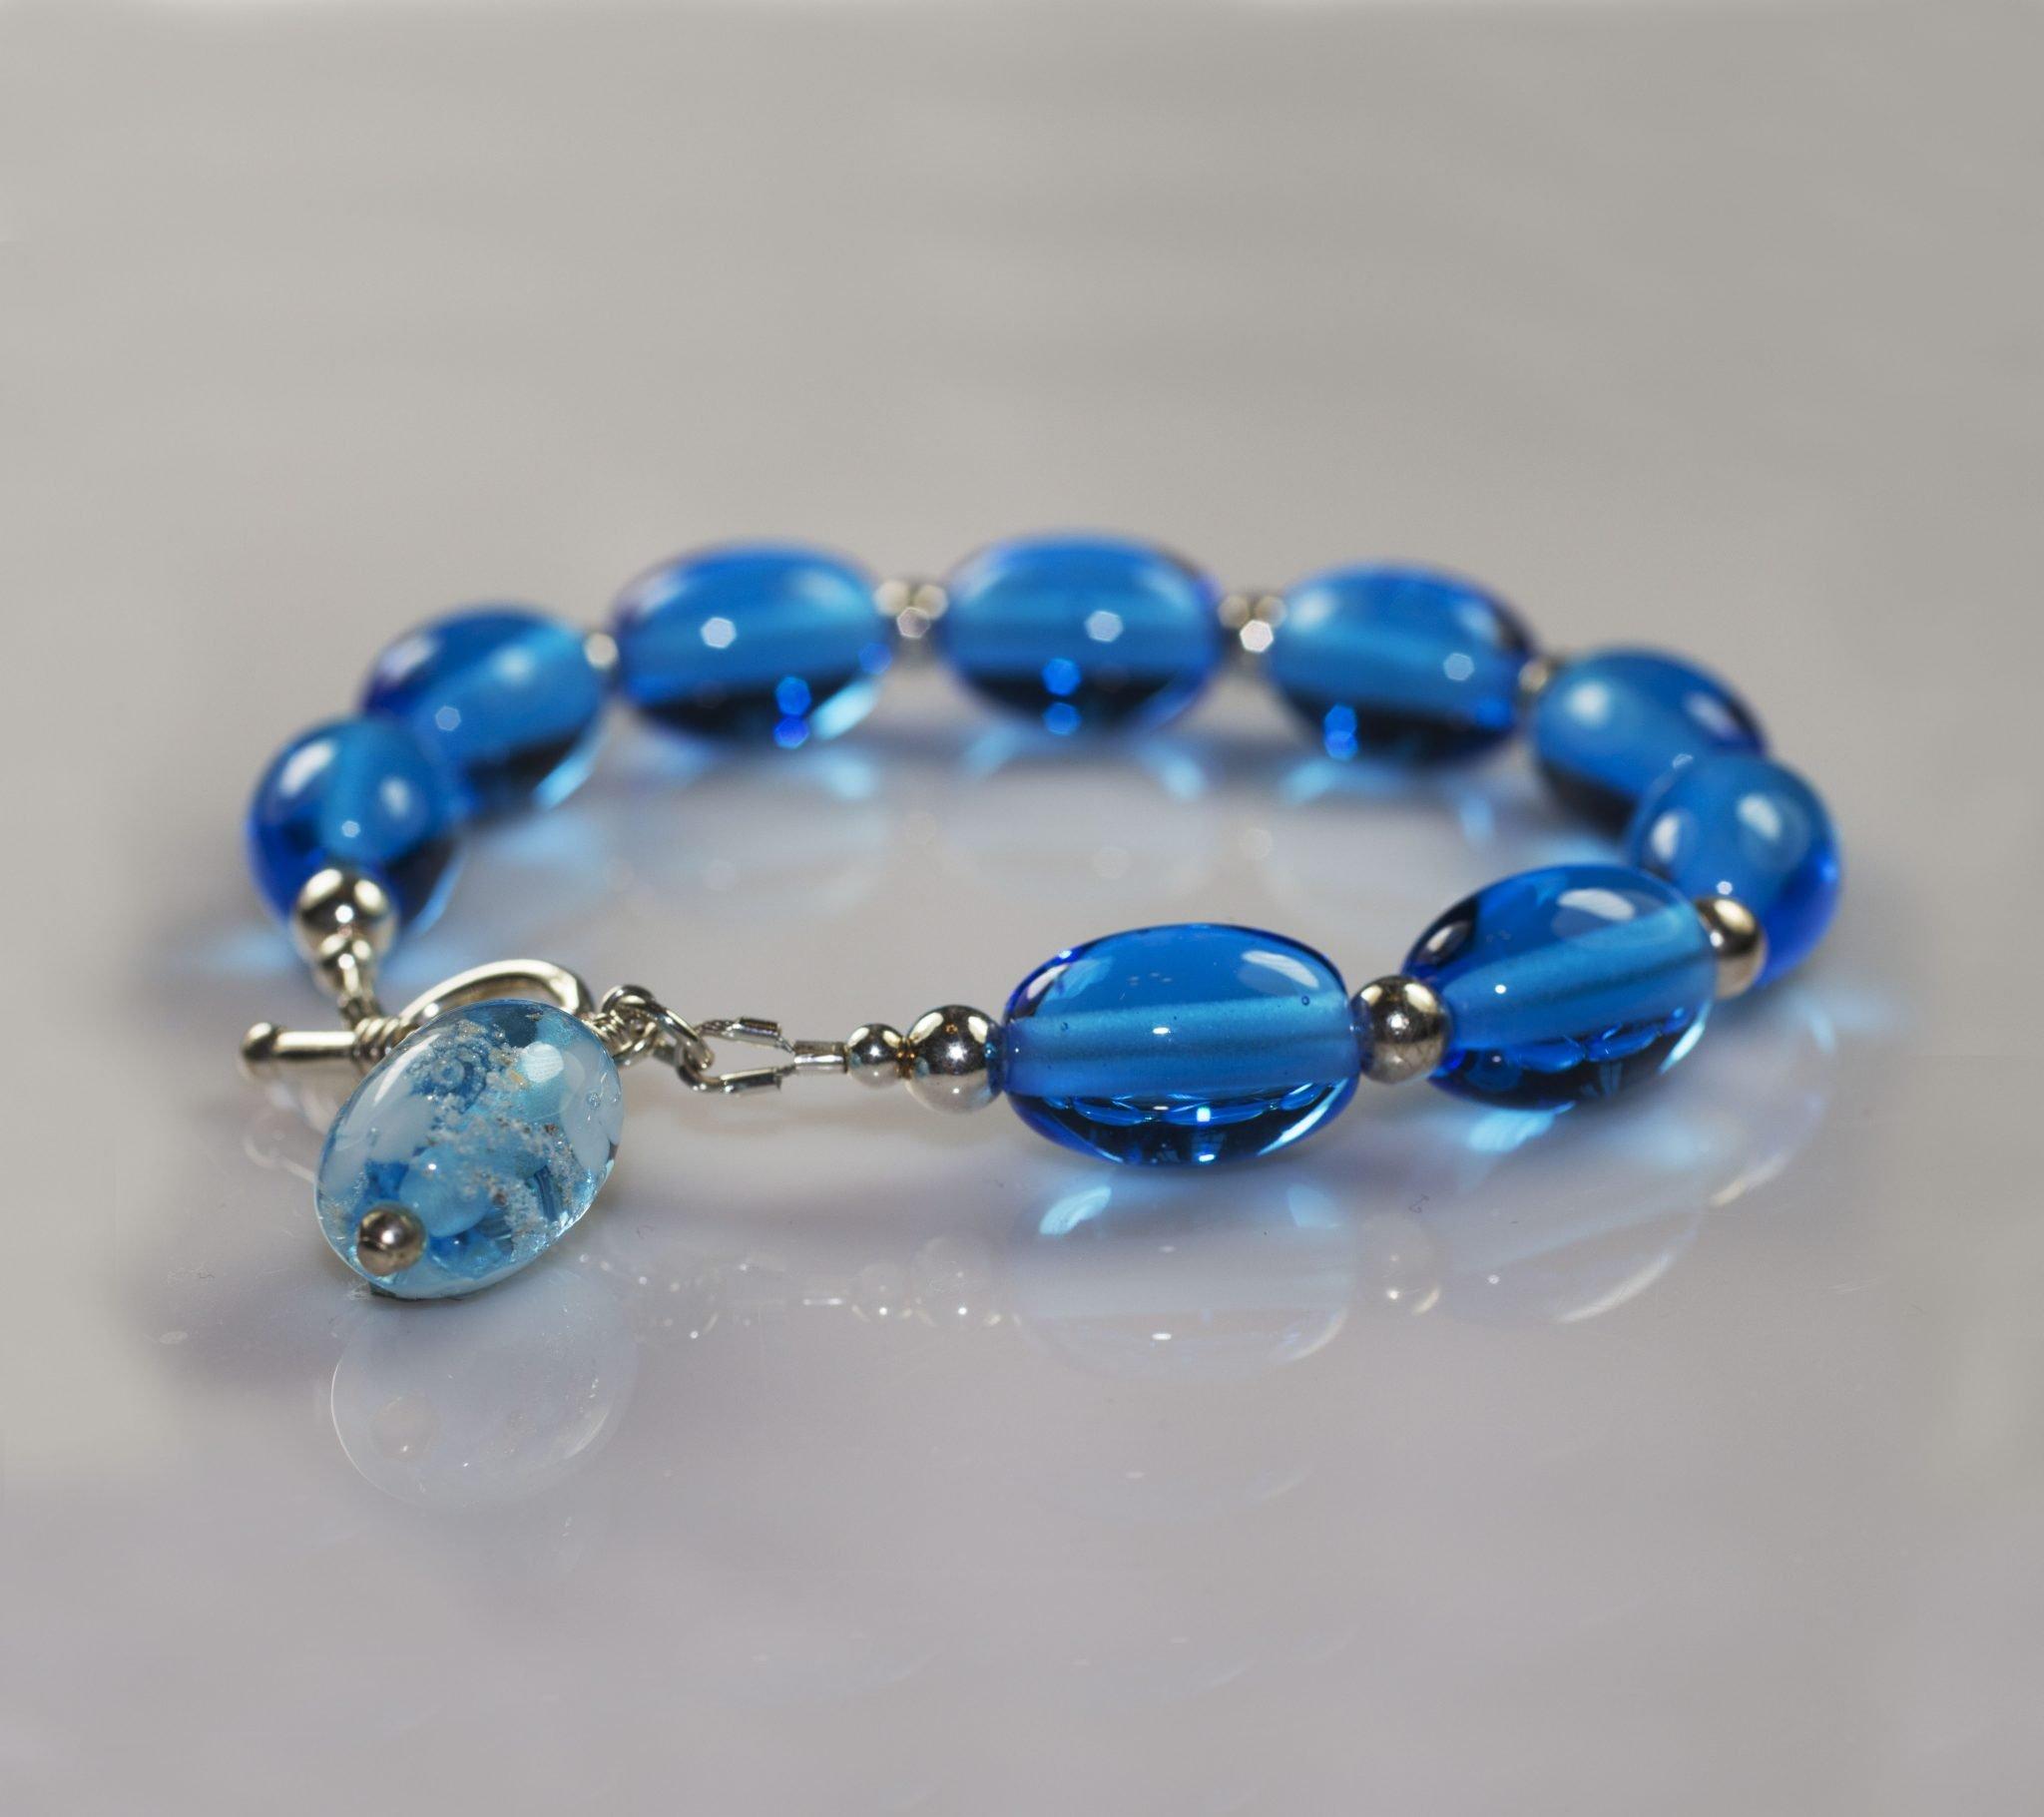 Memorial Glass Bead Bracelet Handmade In Devon Scattering Ashes